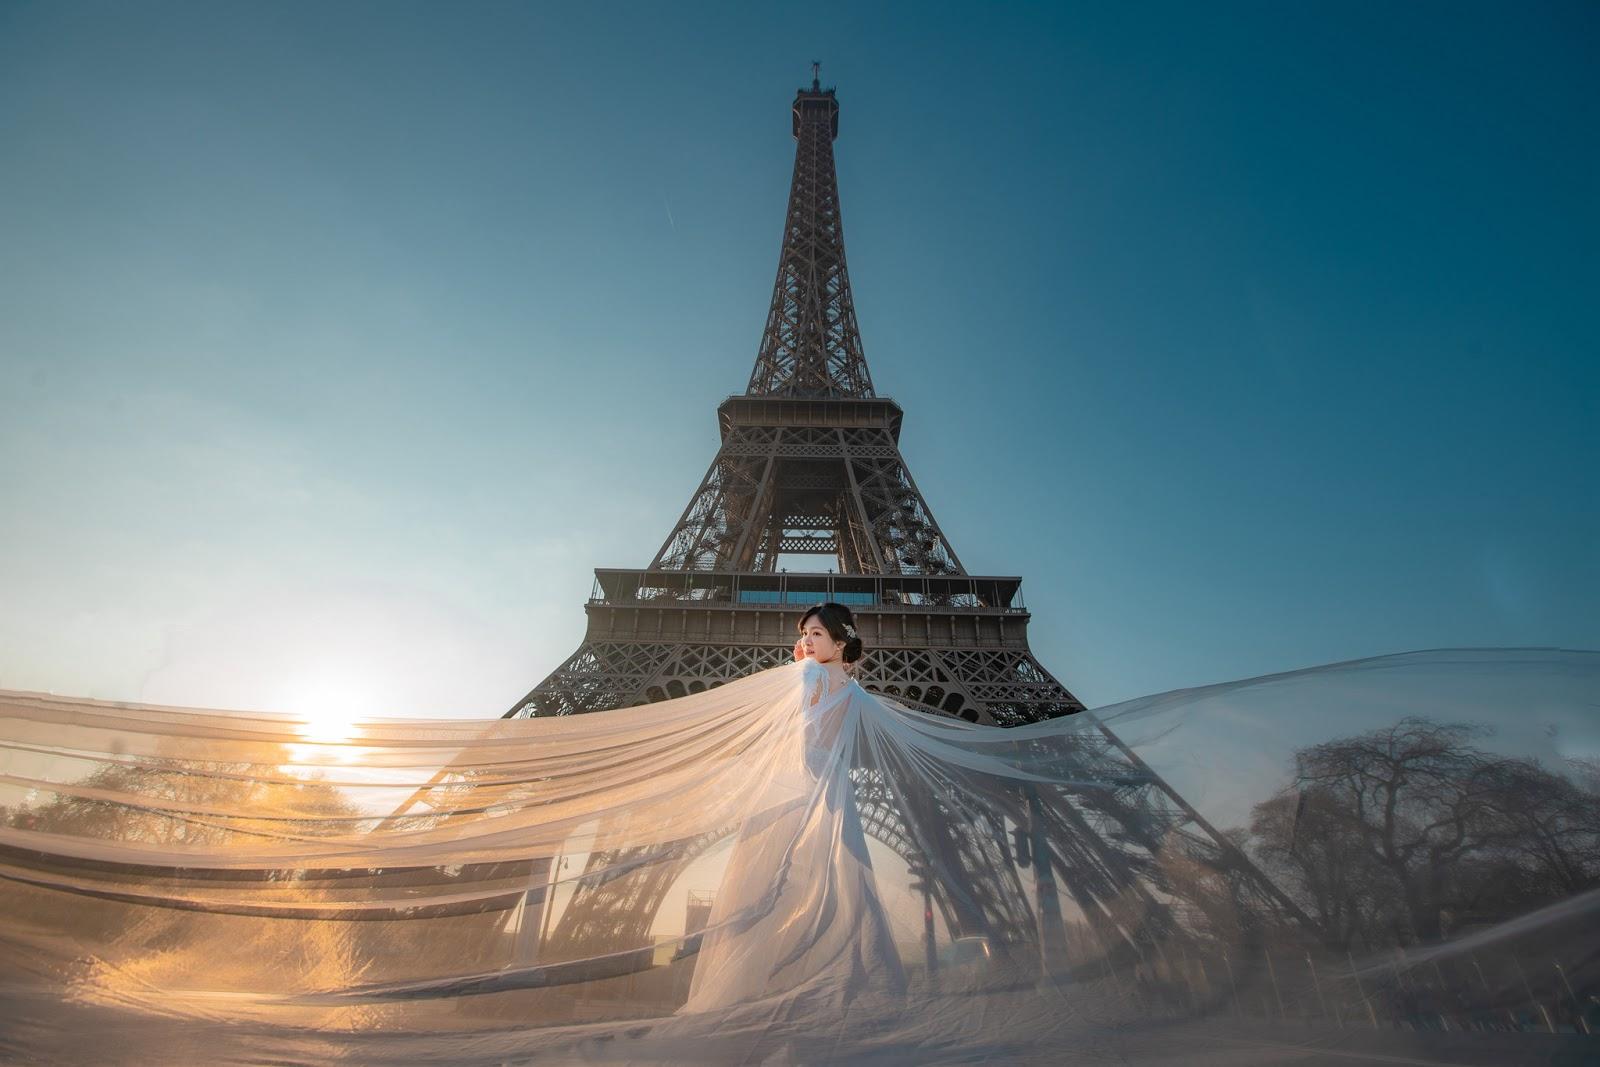 巴黎旅遊景點推薦 巴黎歌劇院 蒙馬特 海外自助婚紗推薦 私密拍攝景點 法國小鎮必吃 巴黎鐵塔超浪漫 台北自助婚紗工作室 楓丹白露 凱旋門 羅浮宮 亞力三大三世橋